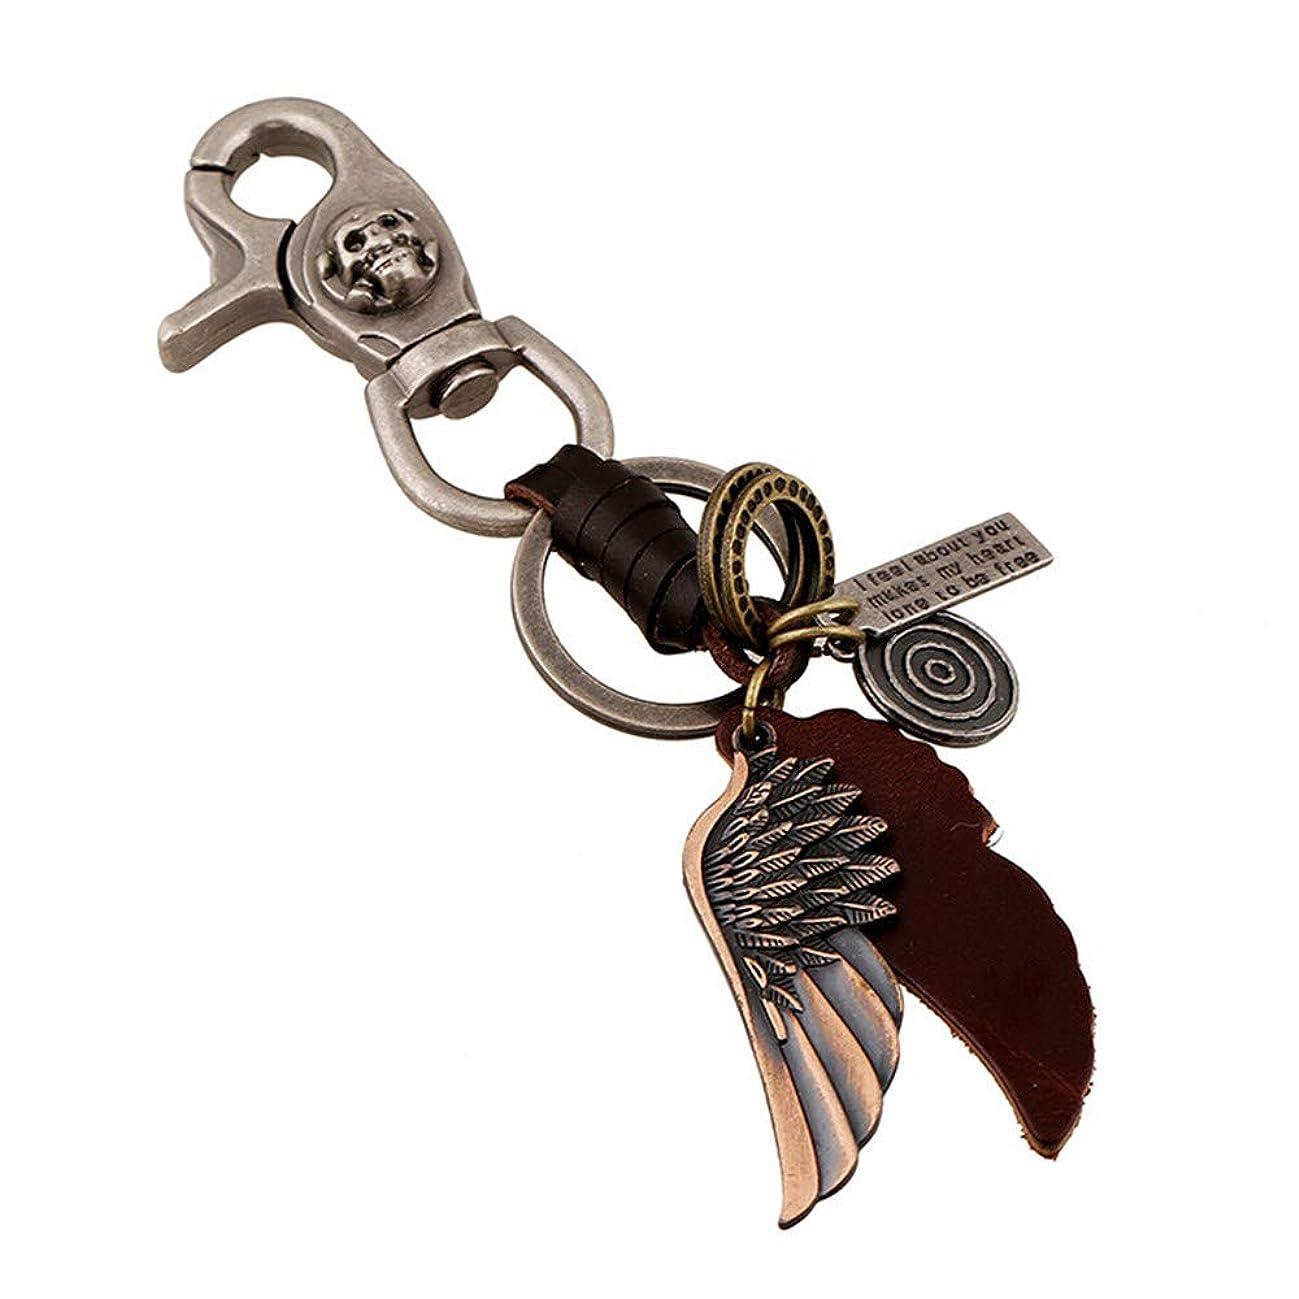 表向き積分懐キーホルダー 絶妙な編まれた革キーホルダー合金の翼革キーホルダーヴィンテージ キーチェーン